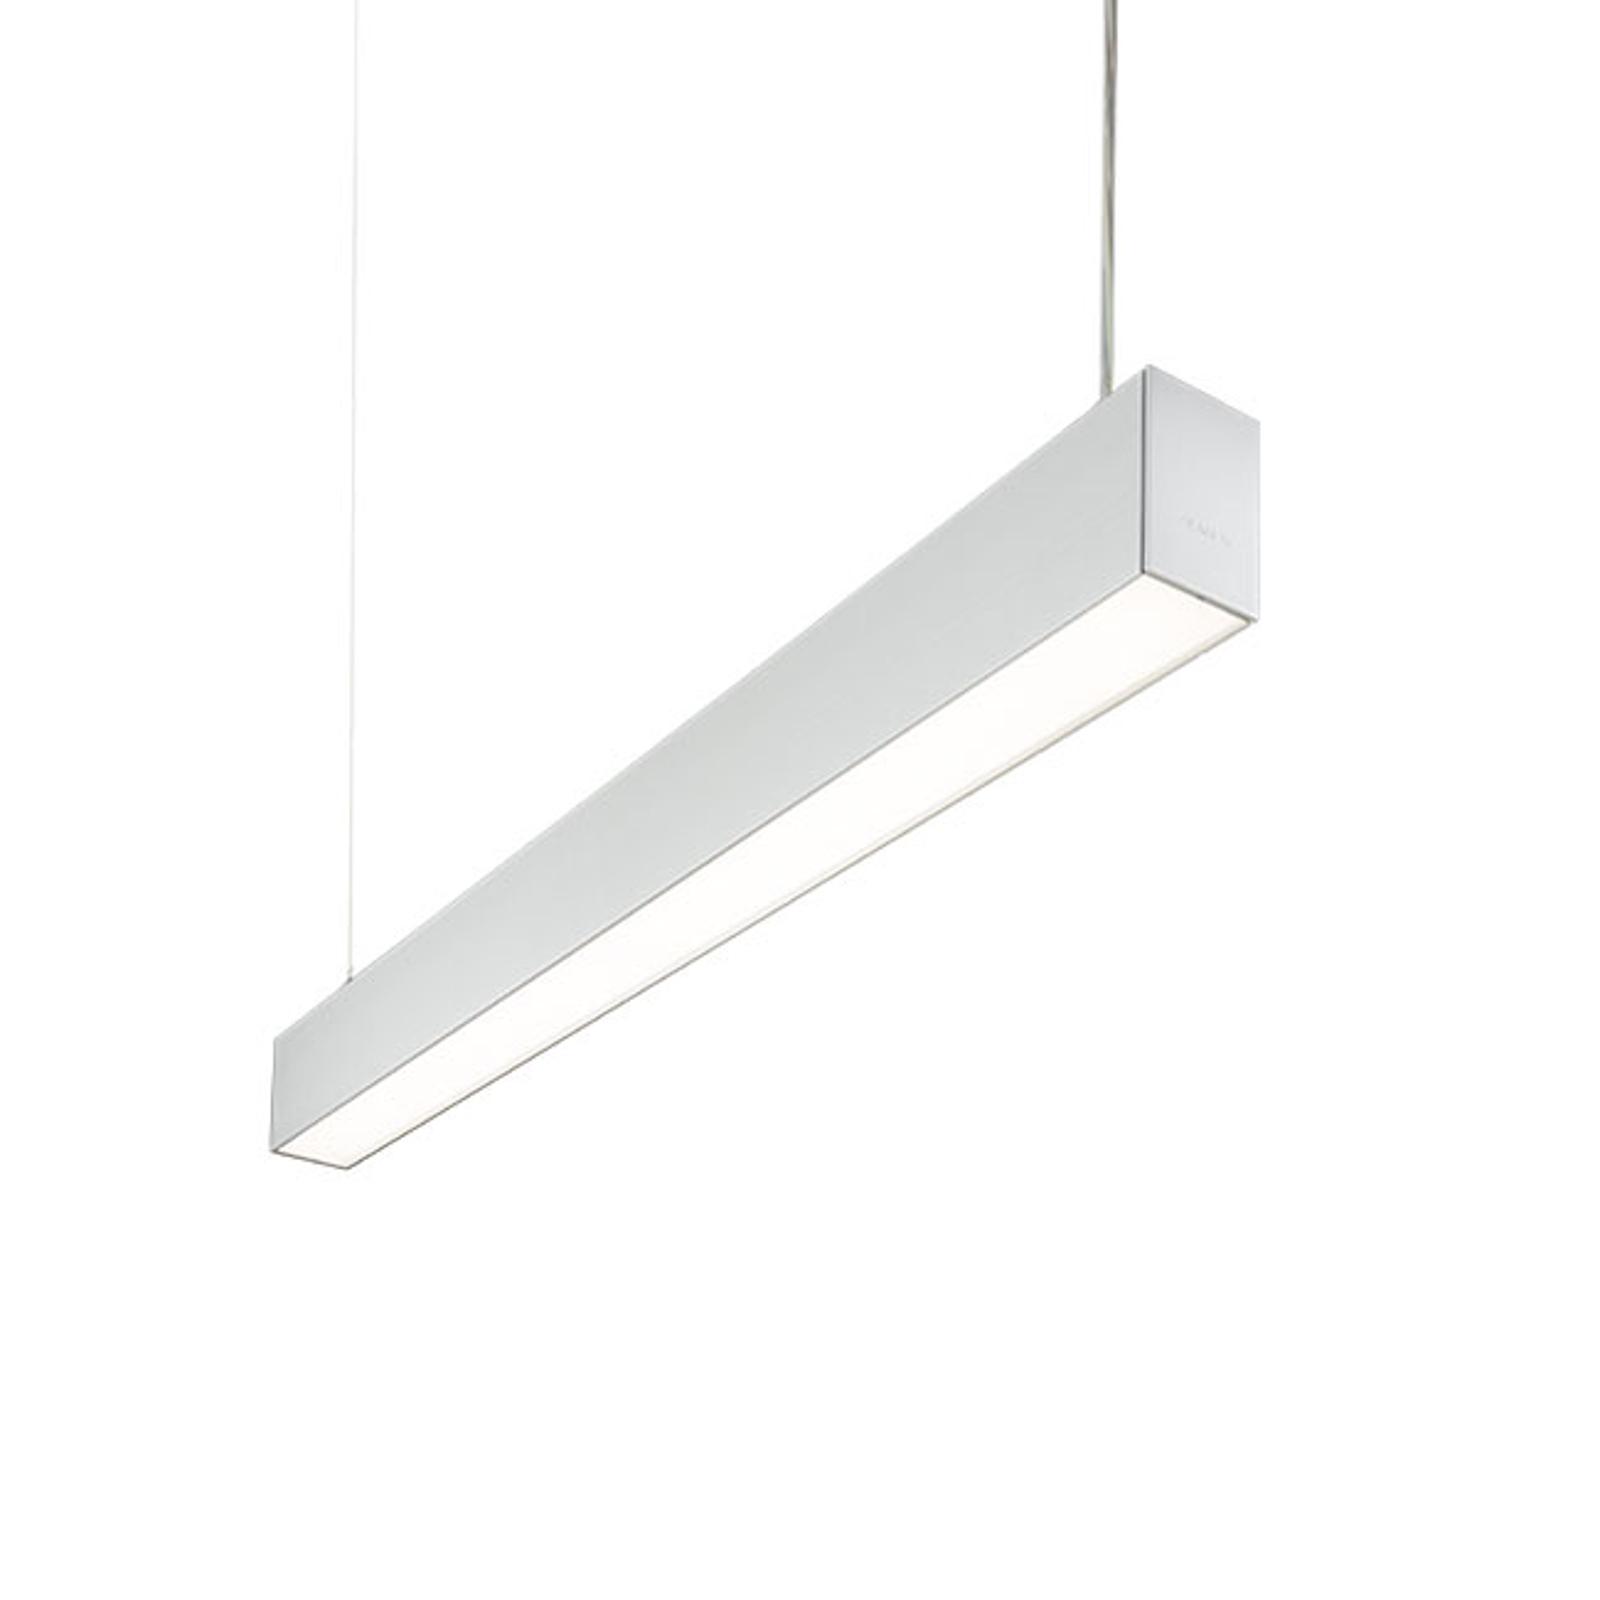 Lampa wisząca C80-P1702 szara 30/70 4000K